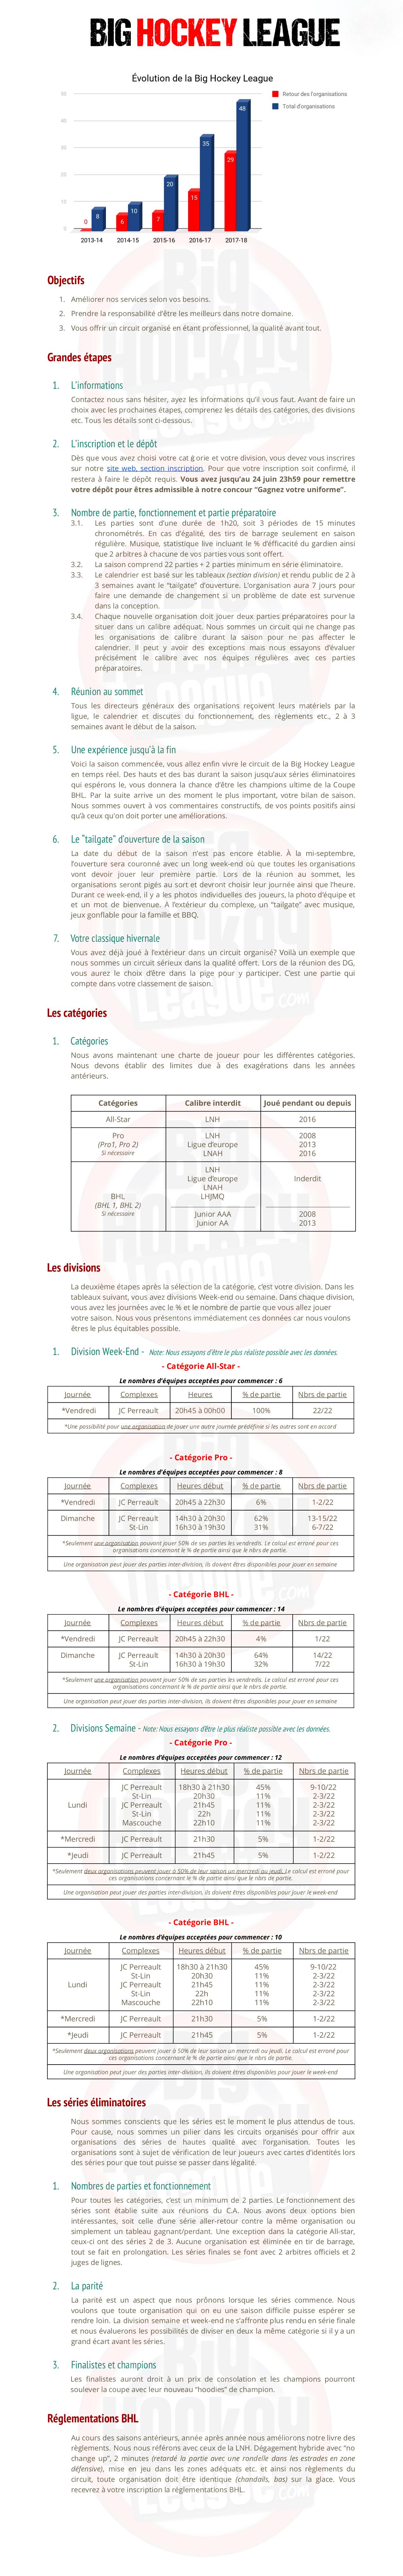 Descriptif-BHL-Site1.jpg (3.57 MB)